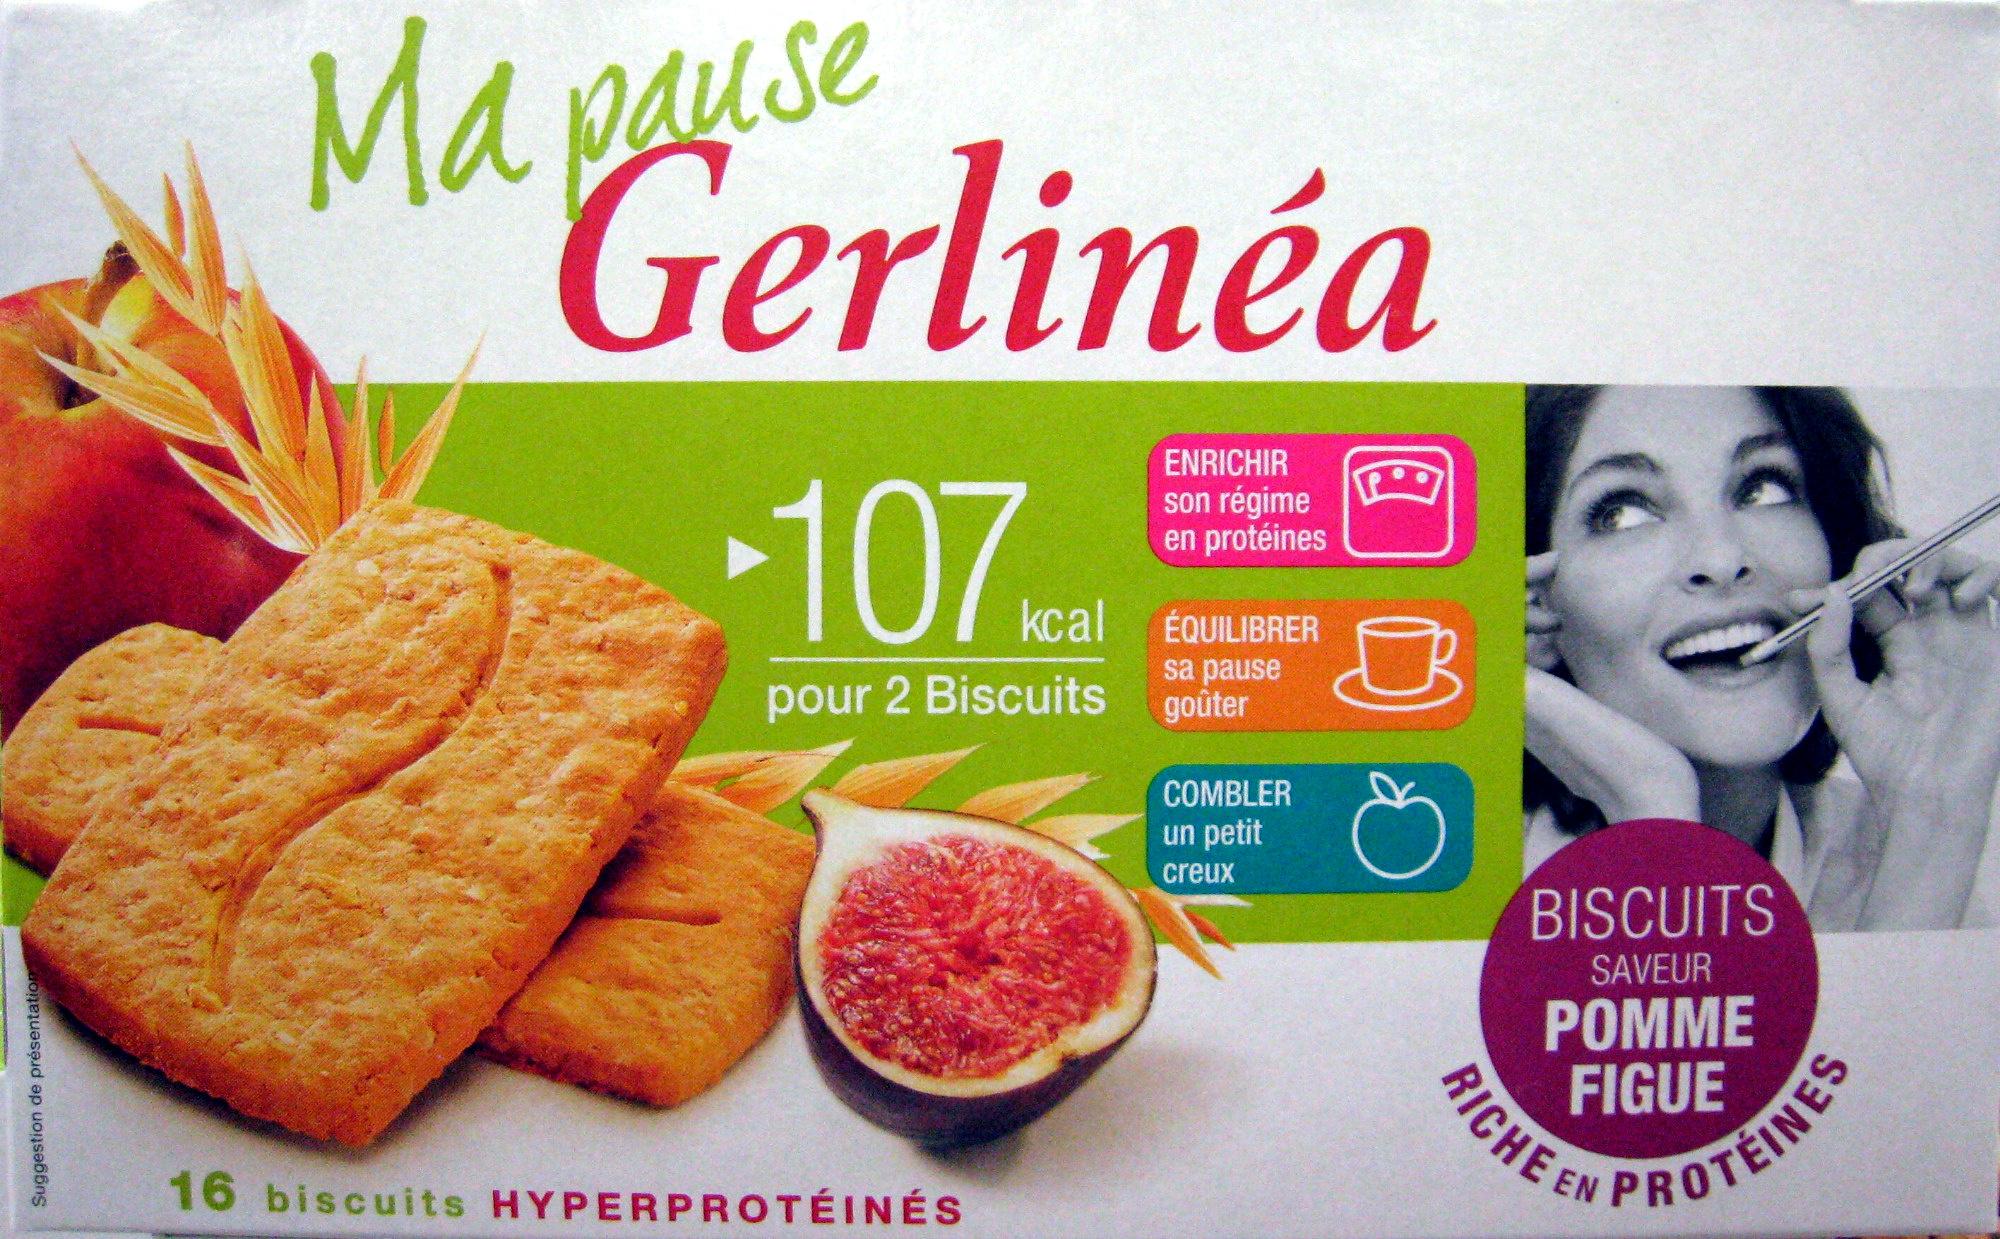 Biscuits saveur pomme figue - Produit